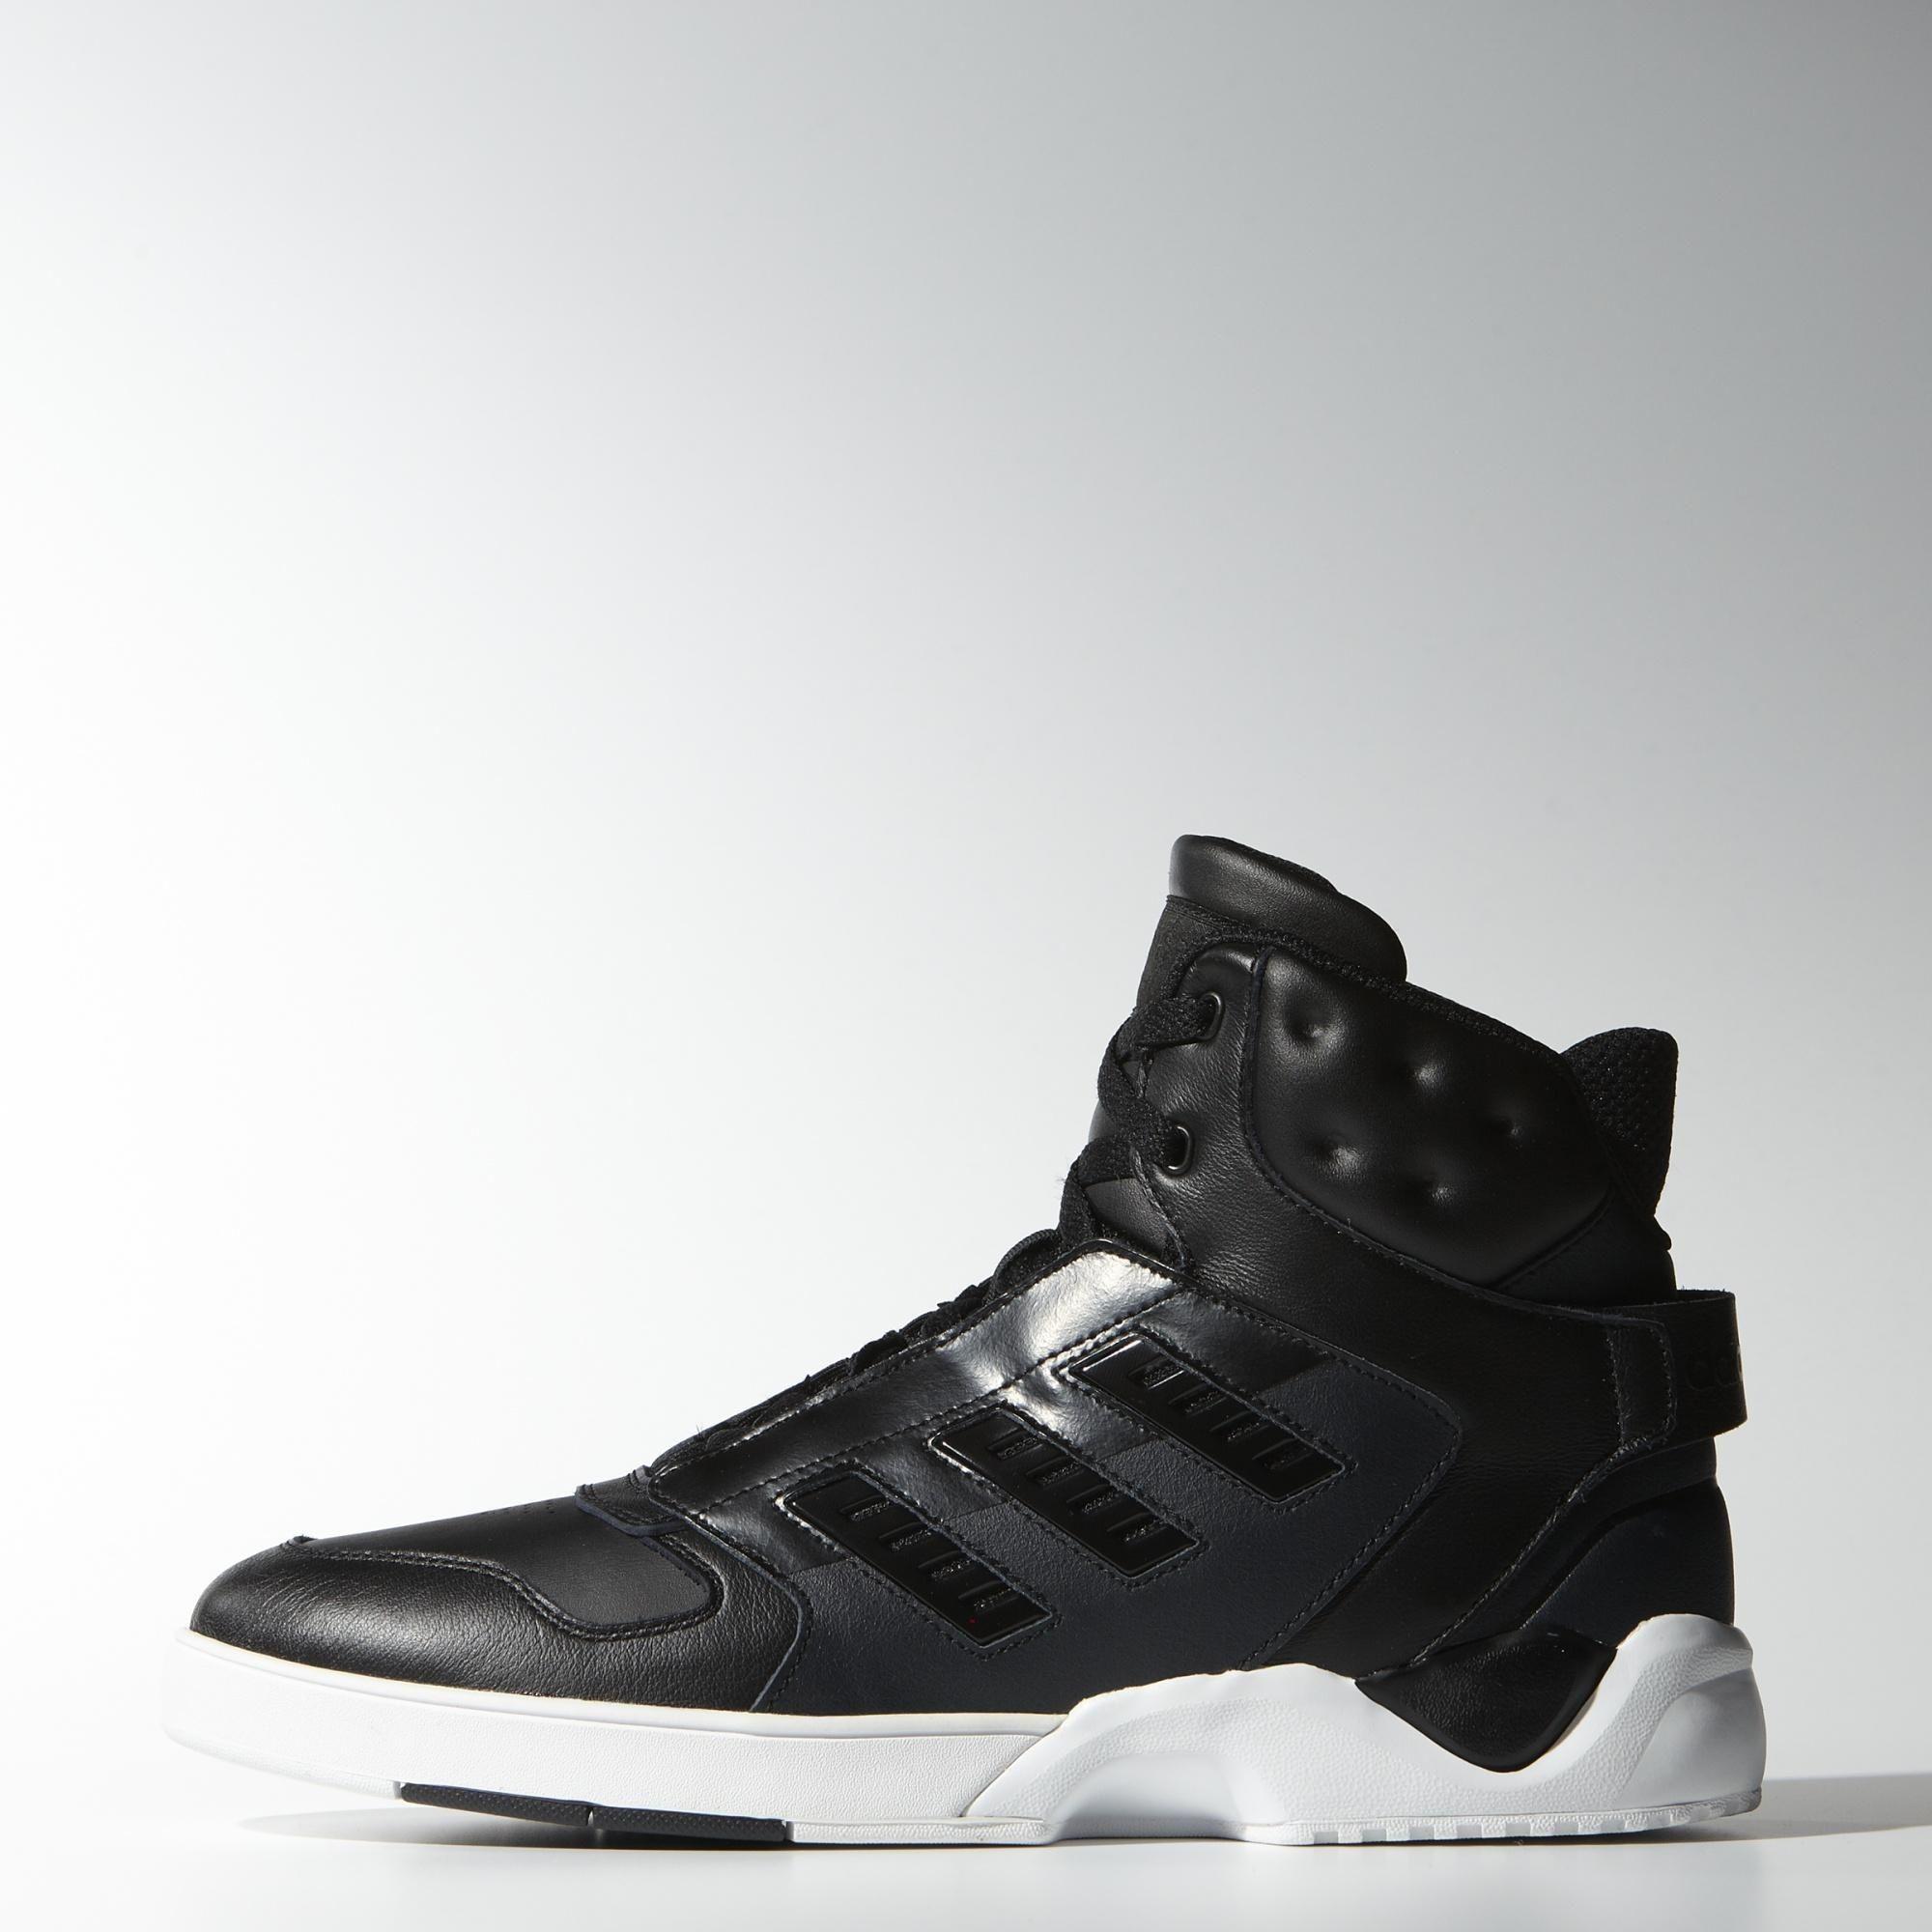 Adidas uomini artiglieria 2k scarpe adidas canada torsione, scarpe da ginnastica,